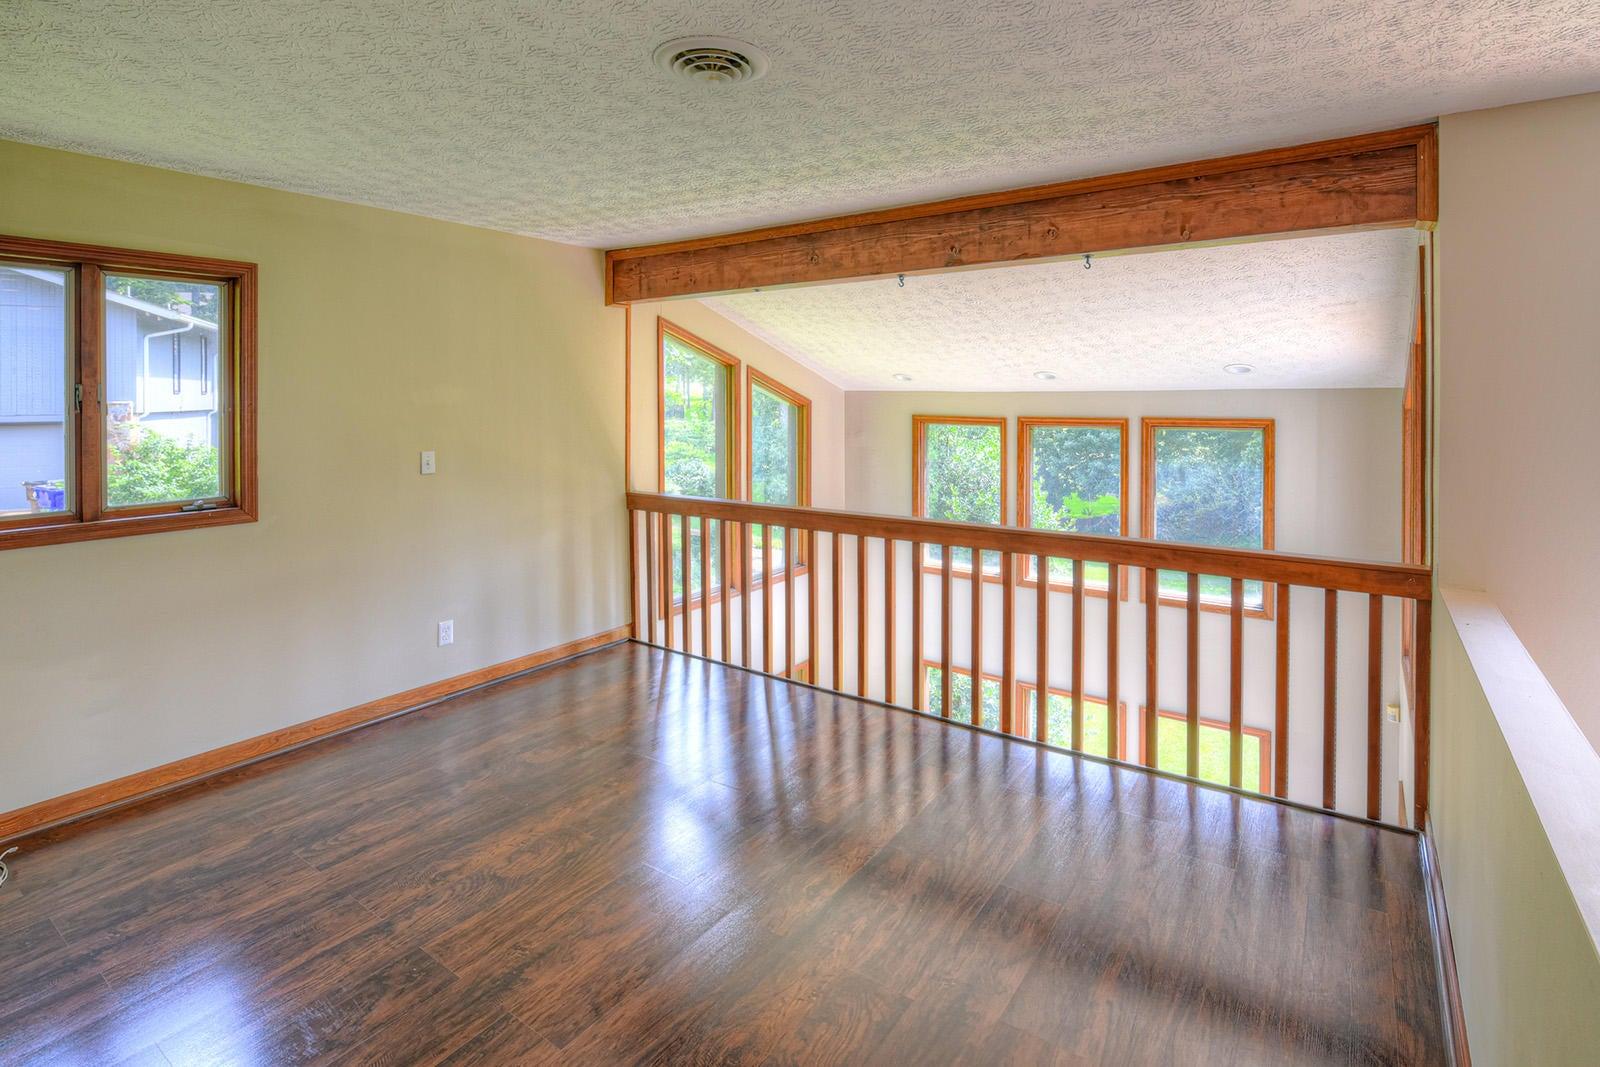 Upstairs Loft Area